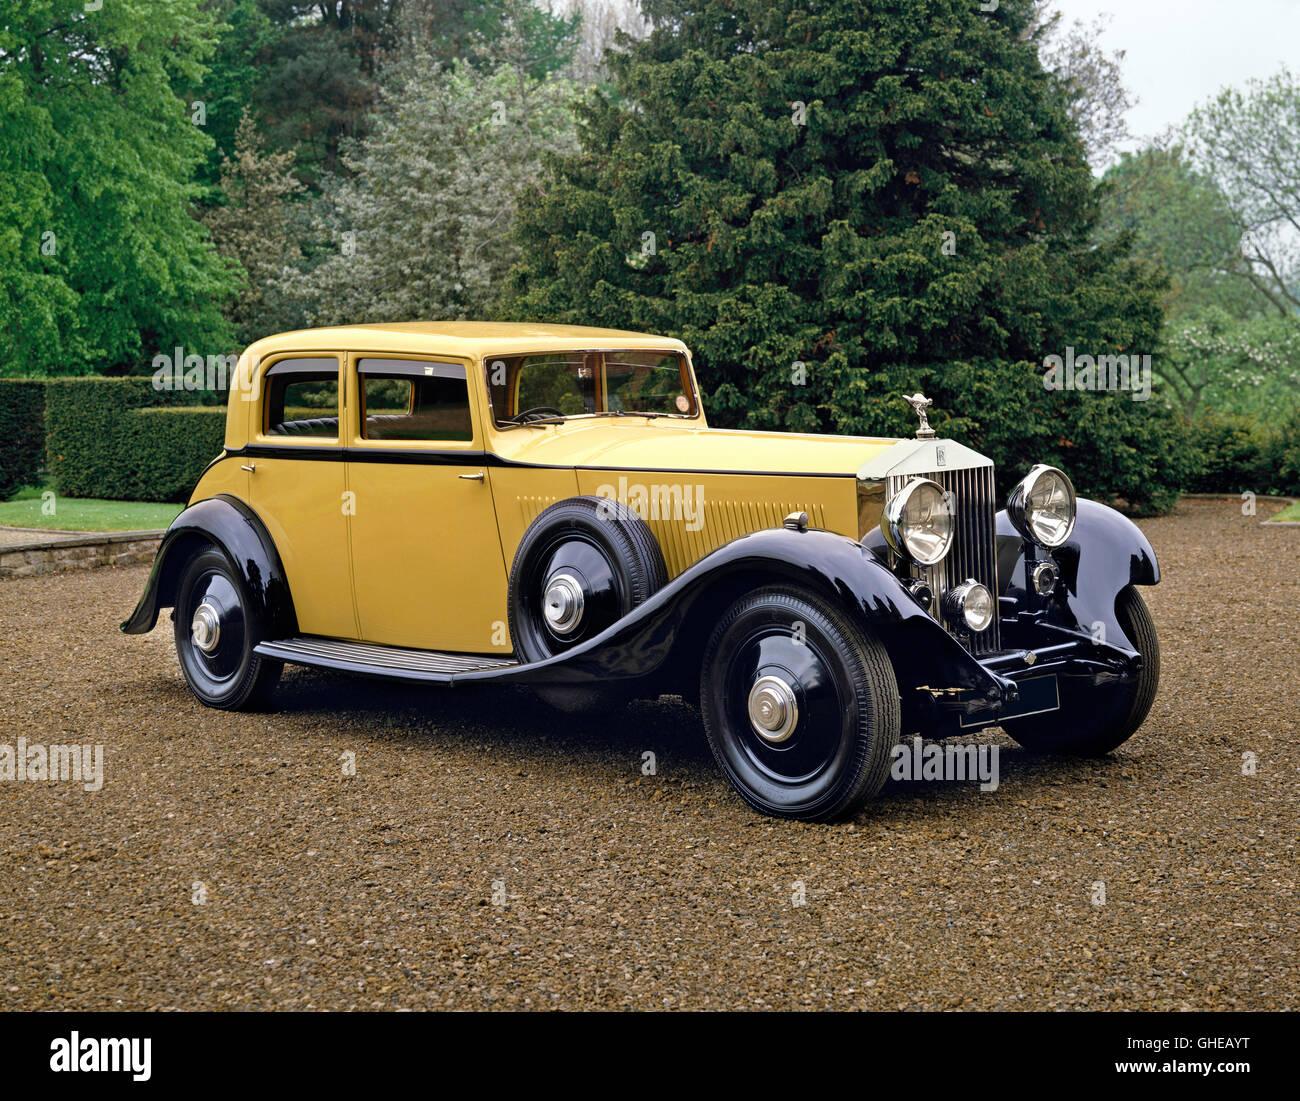 1933 Rolls Royce Phantom II Continental 4 door saloon 7 6 litre 6 cylinder inline engine Country of origin United - Stock Image